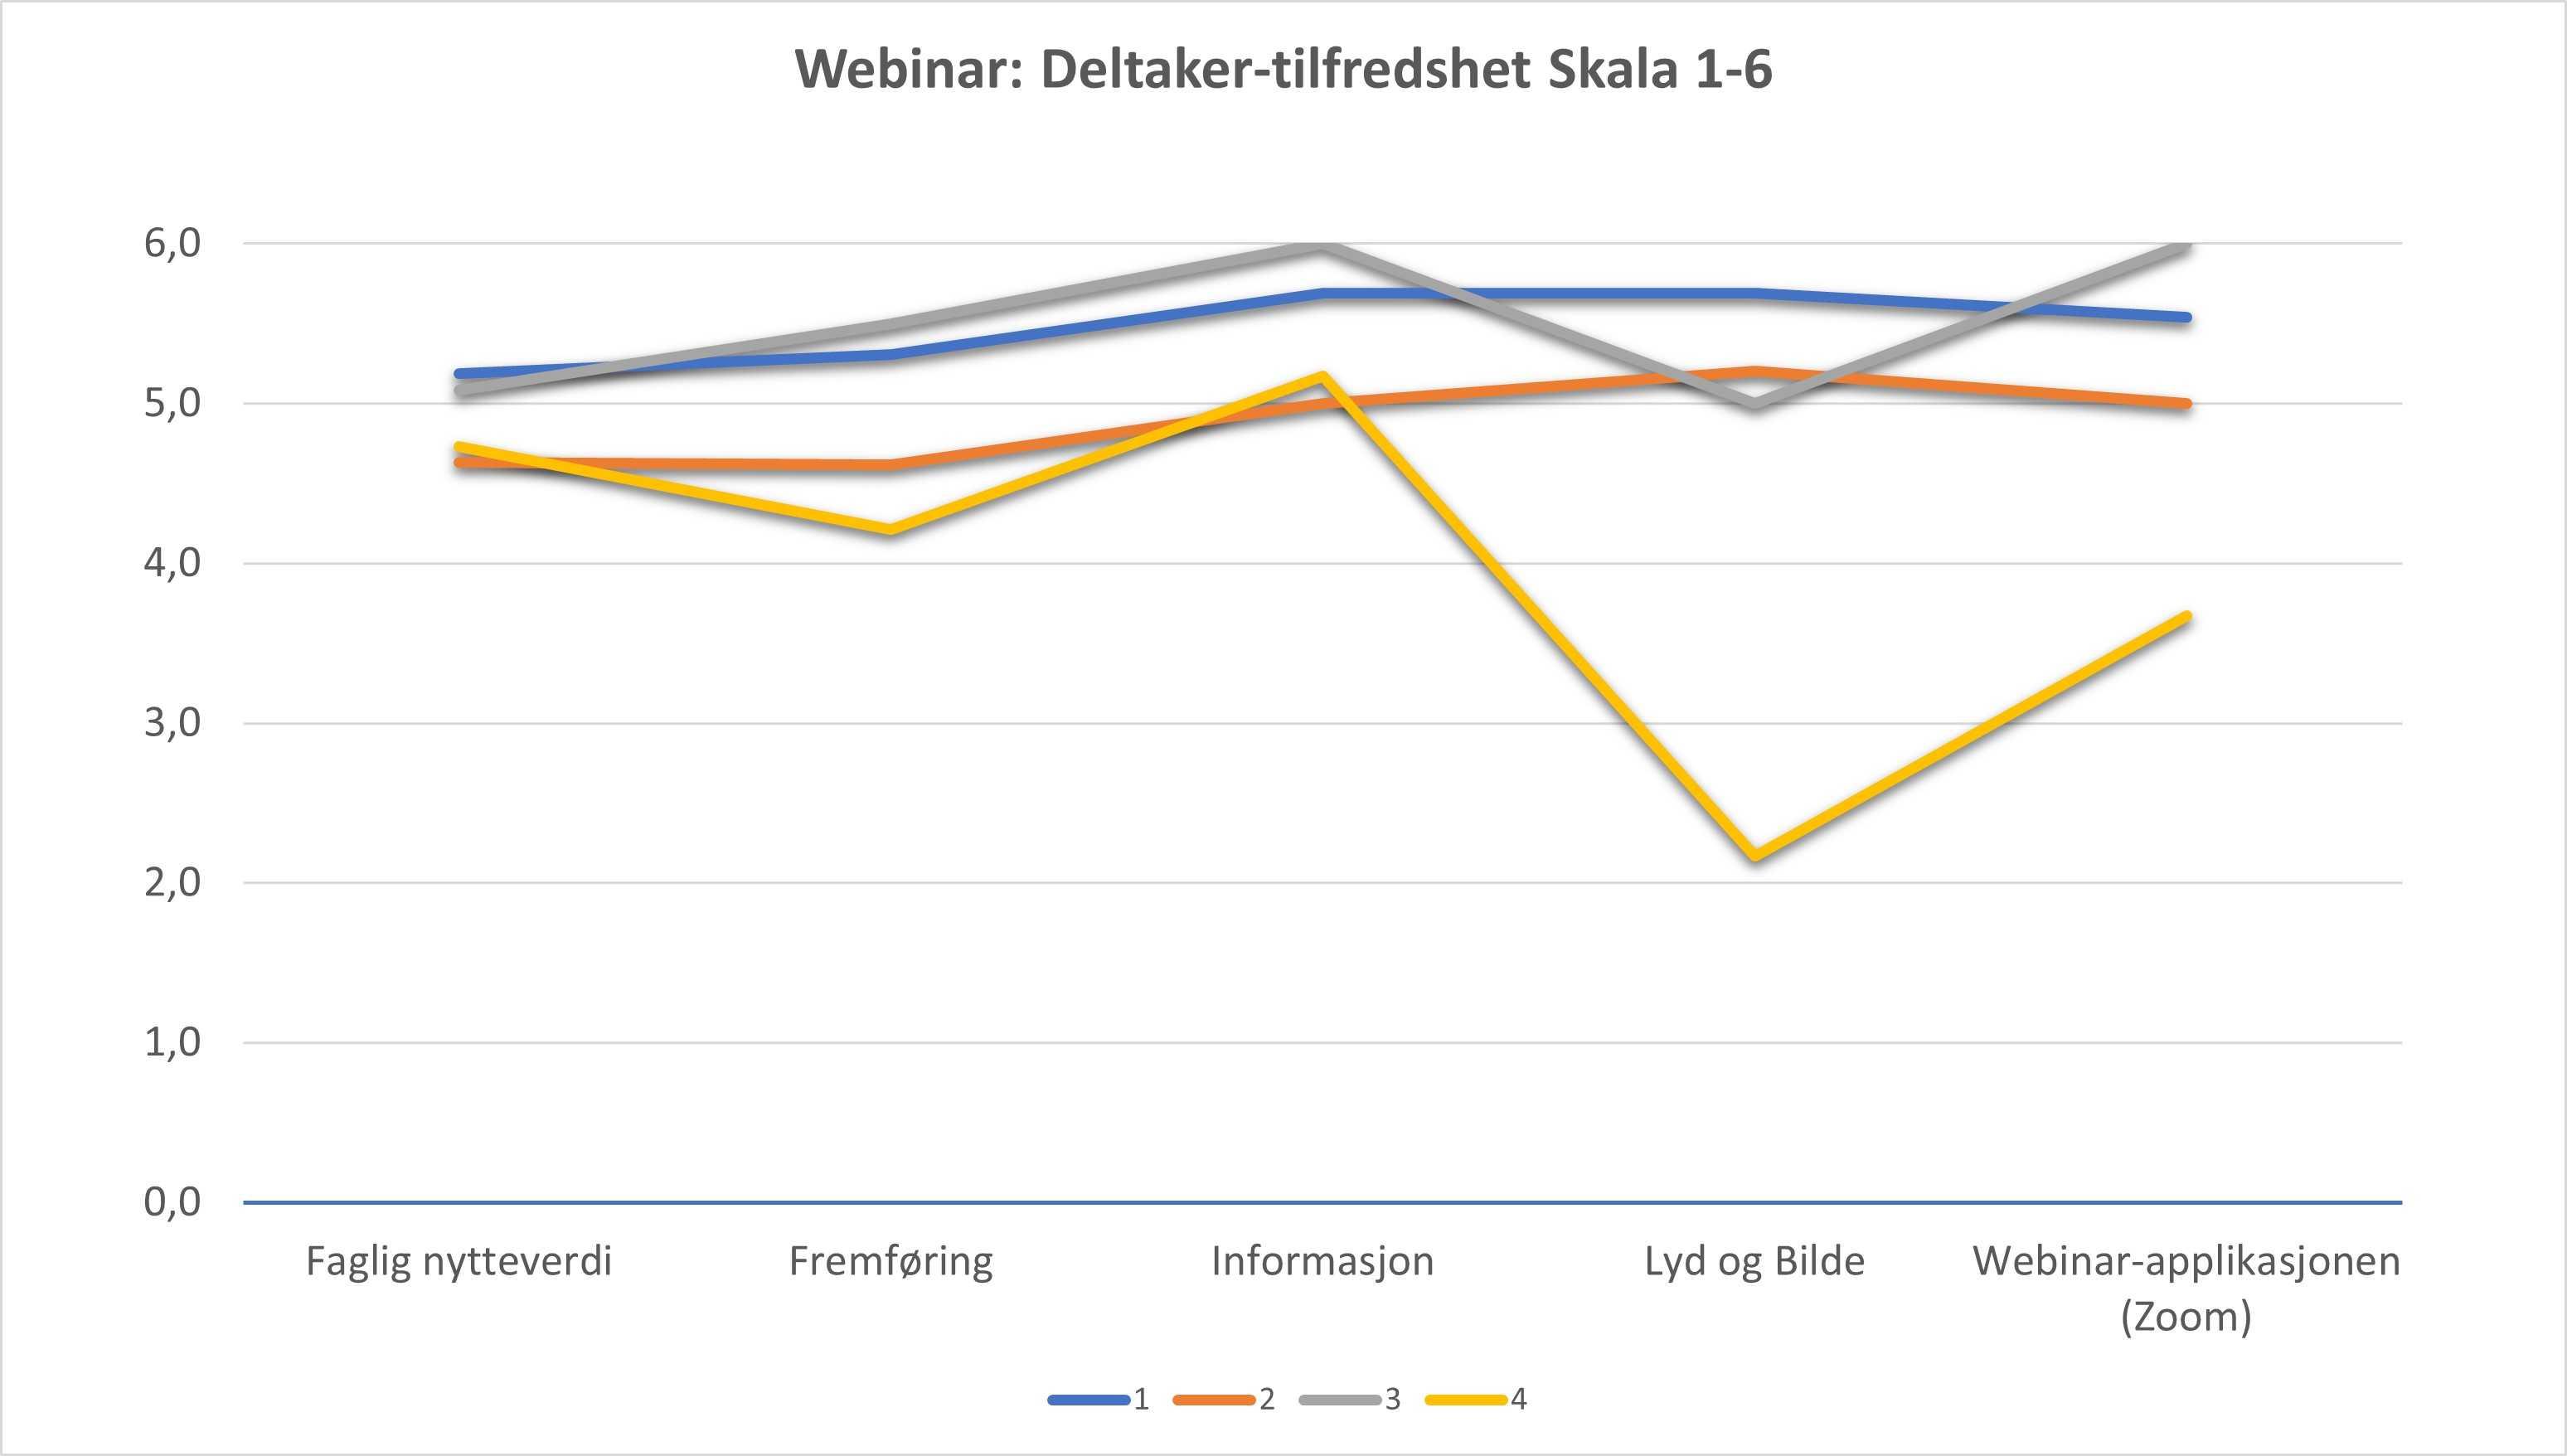 Webinarer deltakertilfredshet skala 1-6